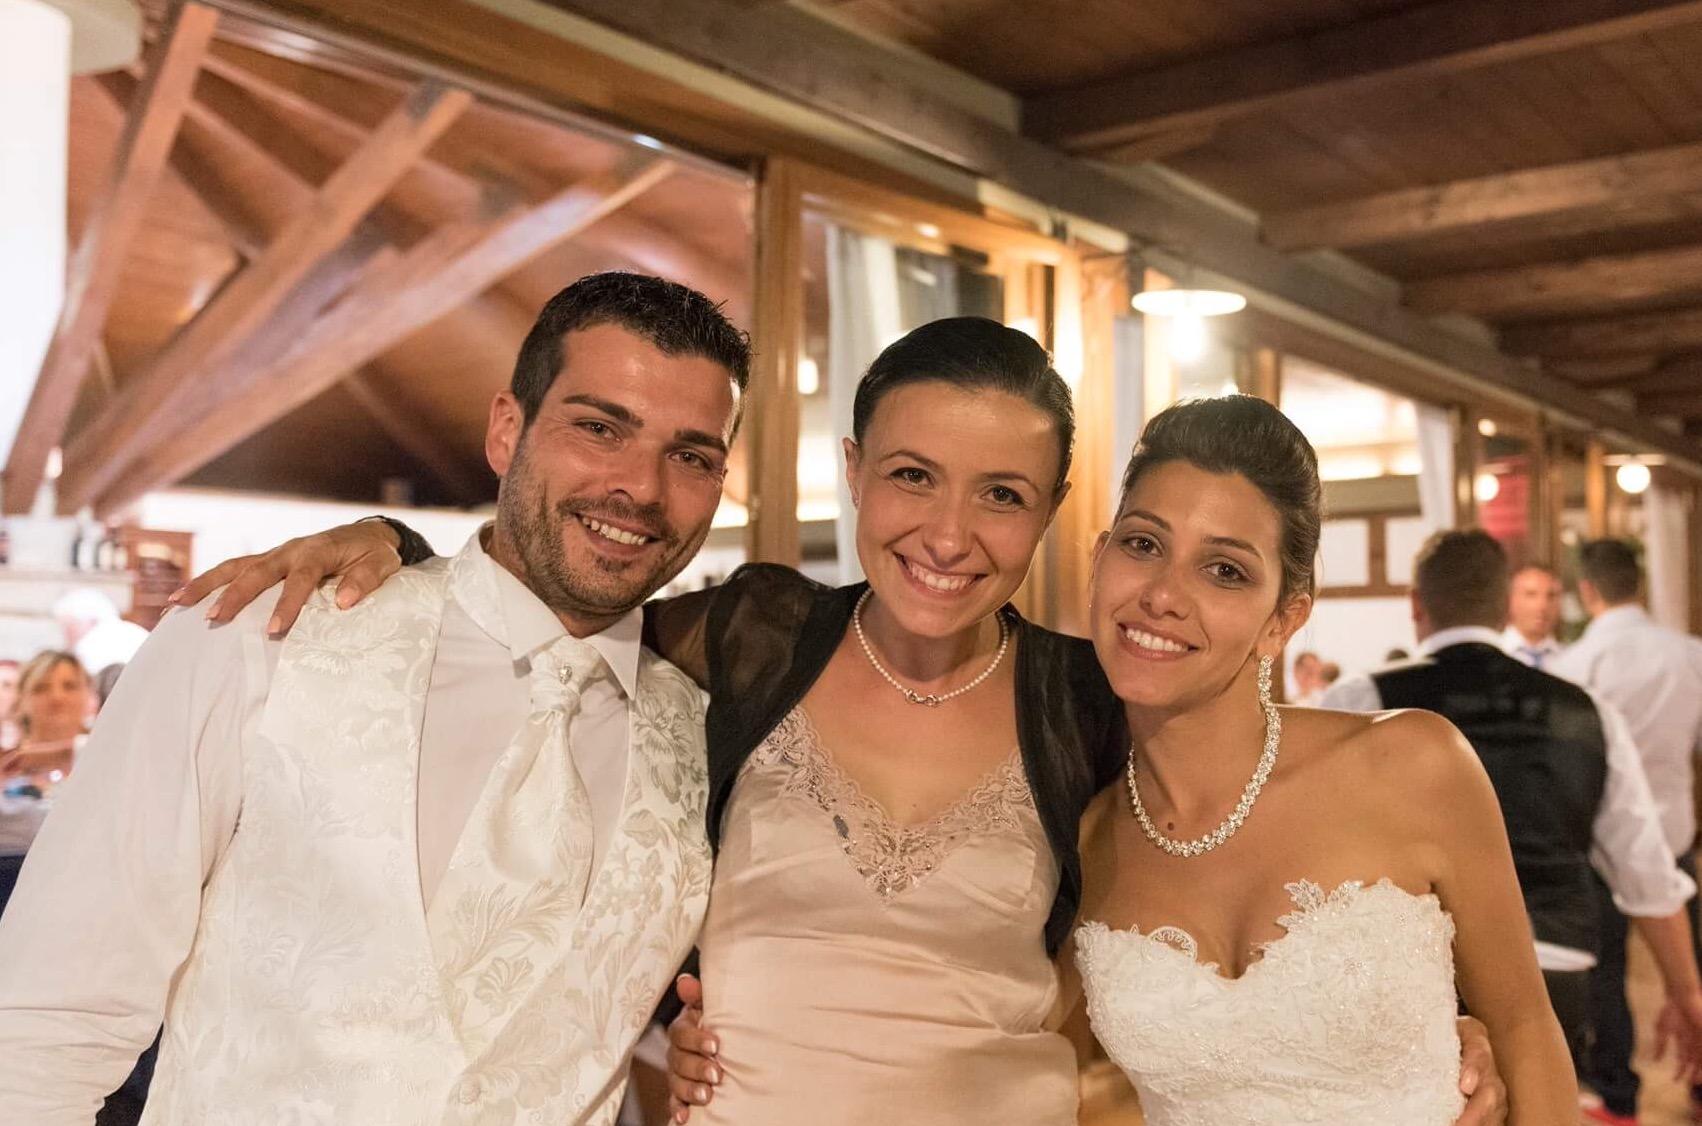 WEDDING IN TUSCANY, PERCHè PER SPOSARMI DOVREI AVERE UNA WEDDING PLANNER?